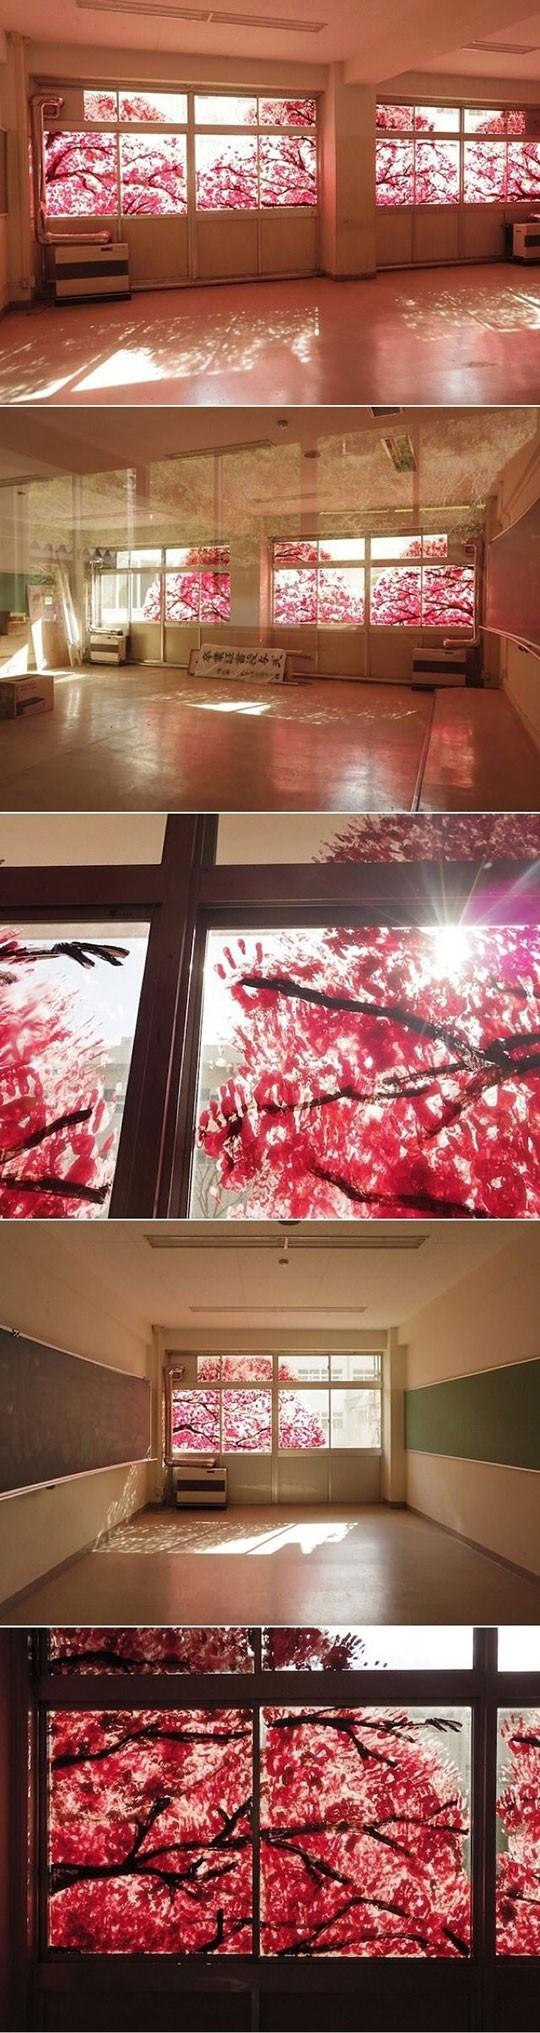 Kirschblüten vorm Fenster...oh warte...